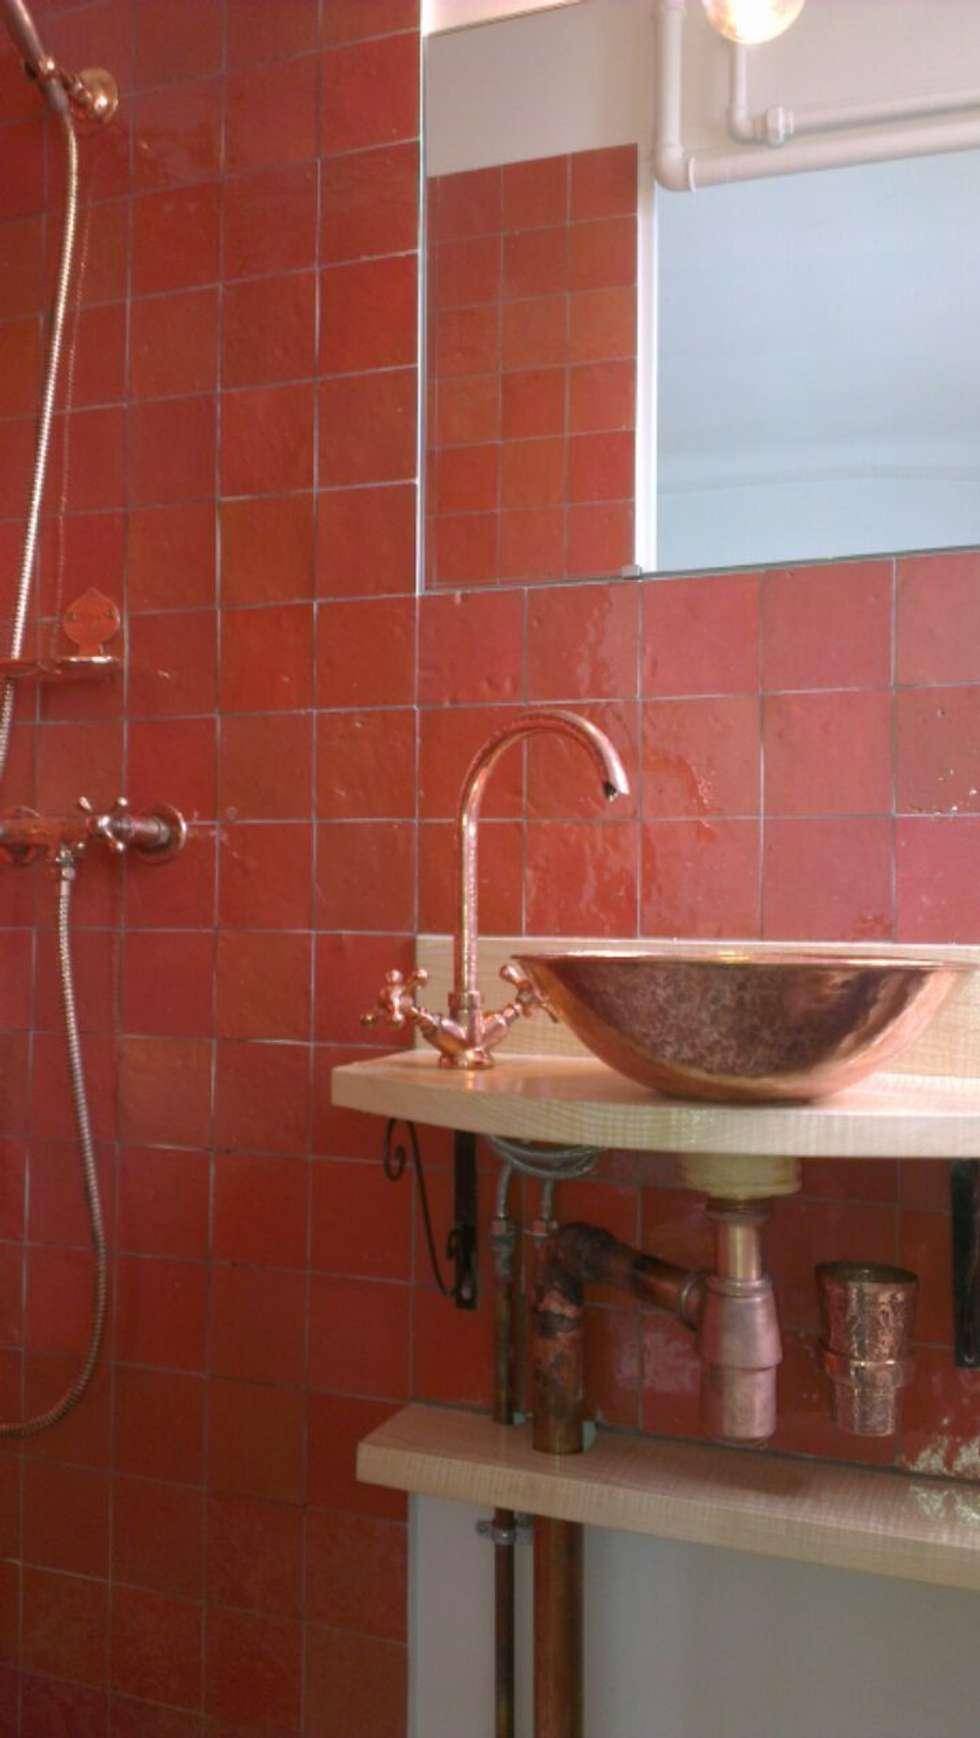 Accessoires Salle De Bain Couleur Aqua ~ Id Es De Design D Int Rieur Et Photos De R Novation Homify